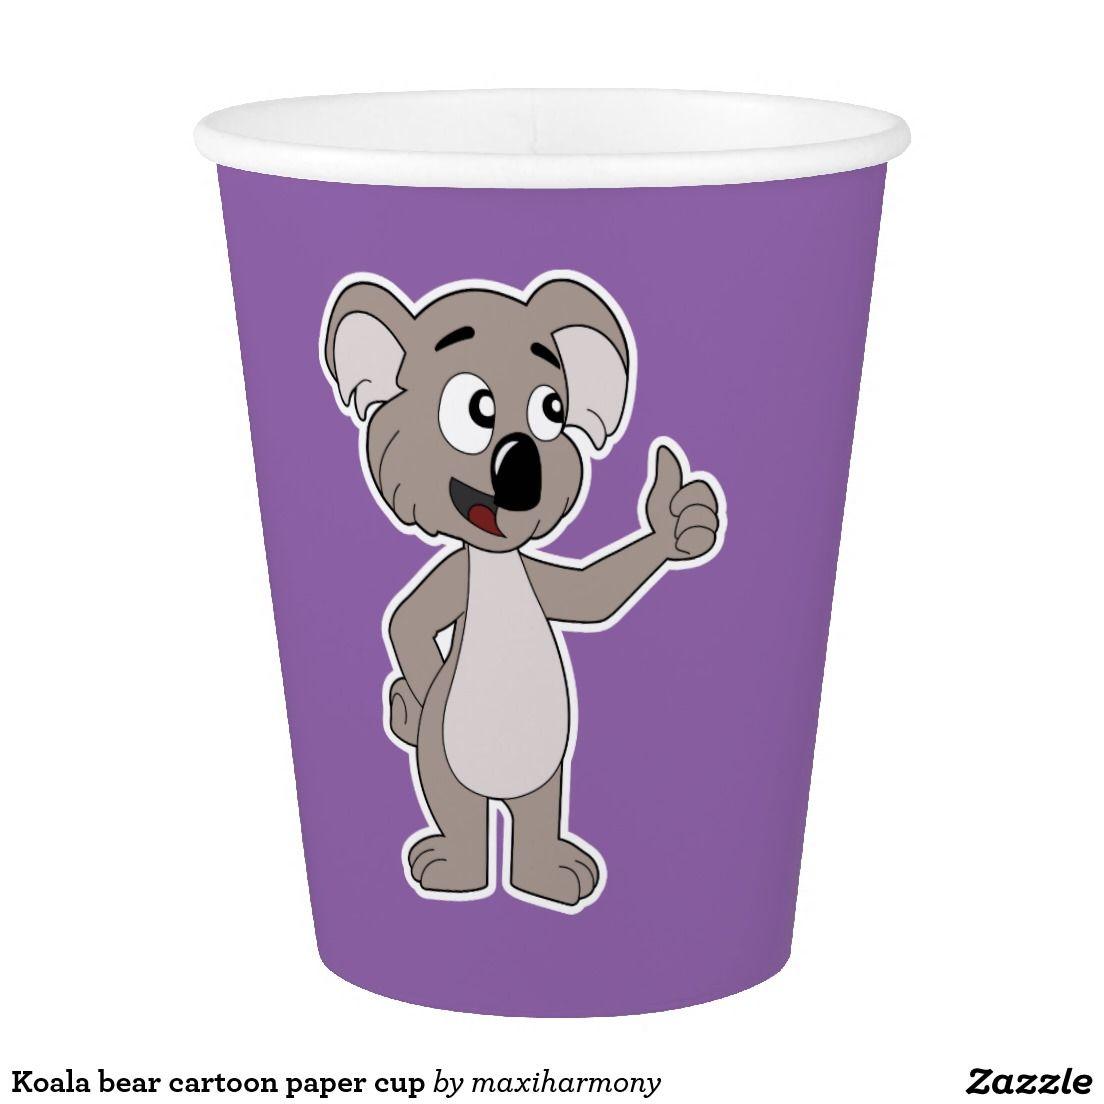 Koala bear cartoon paper cup